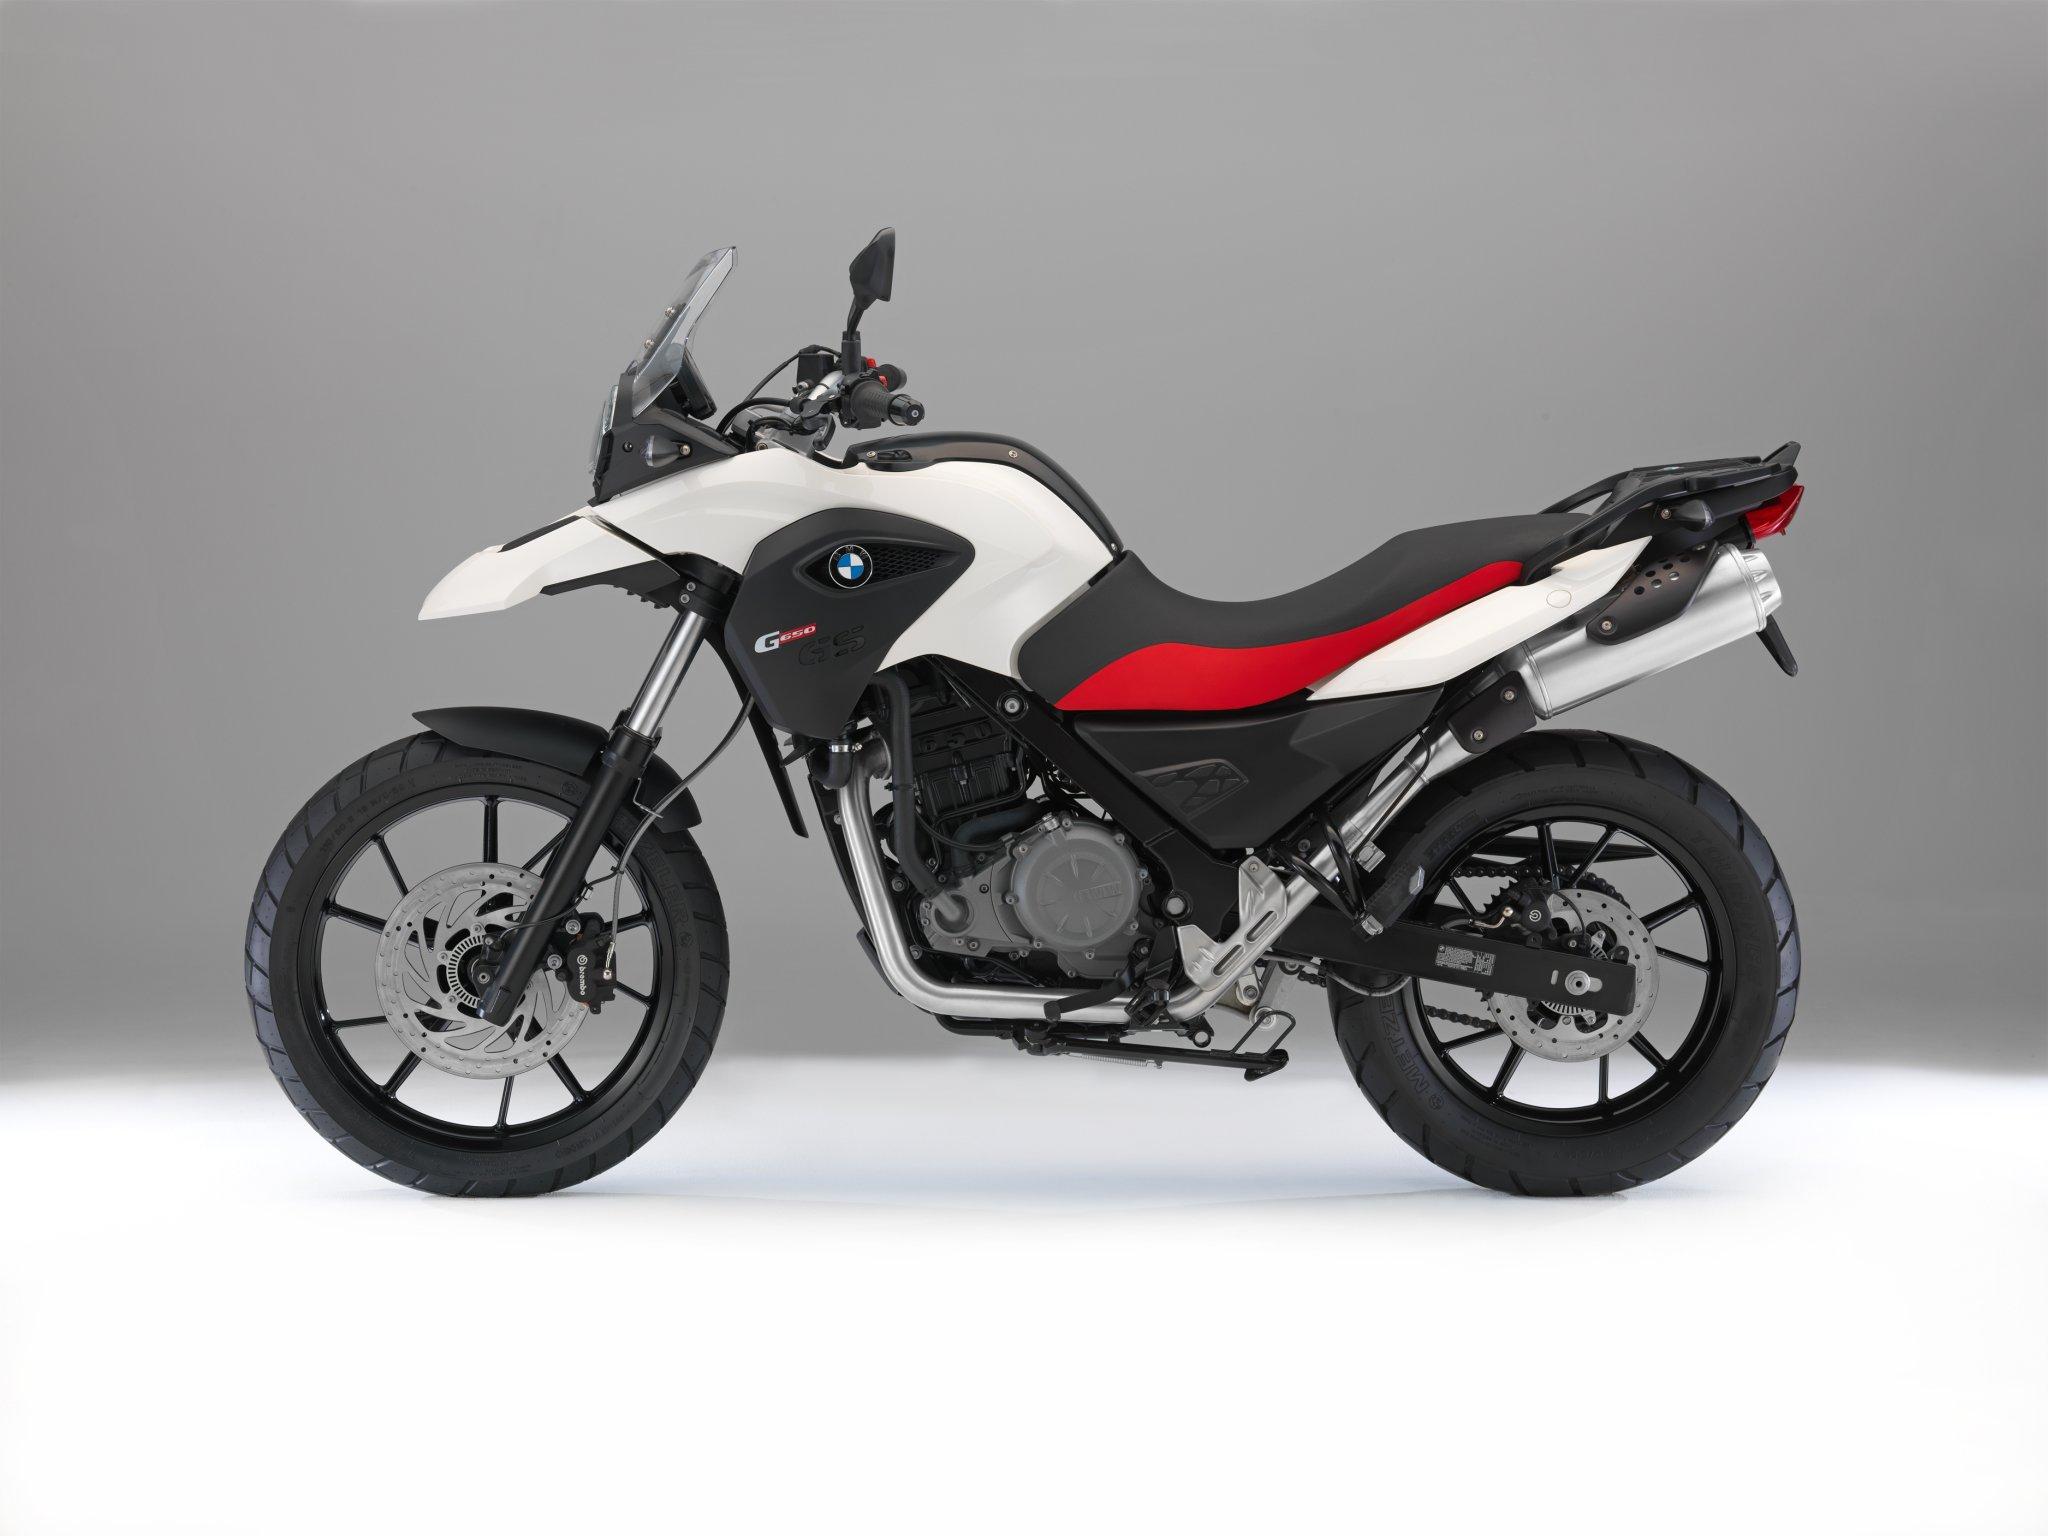 Bmw G 650 Gs Technische Daten Aktuelle Motorrad Berichte